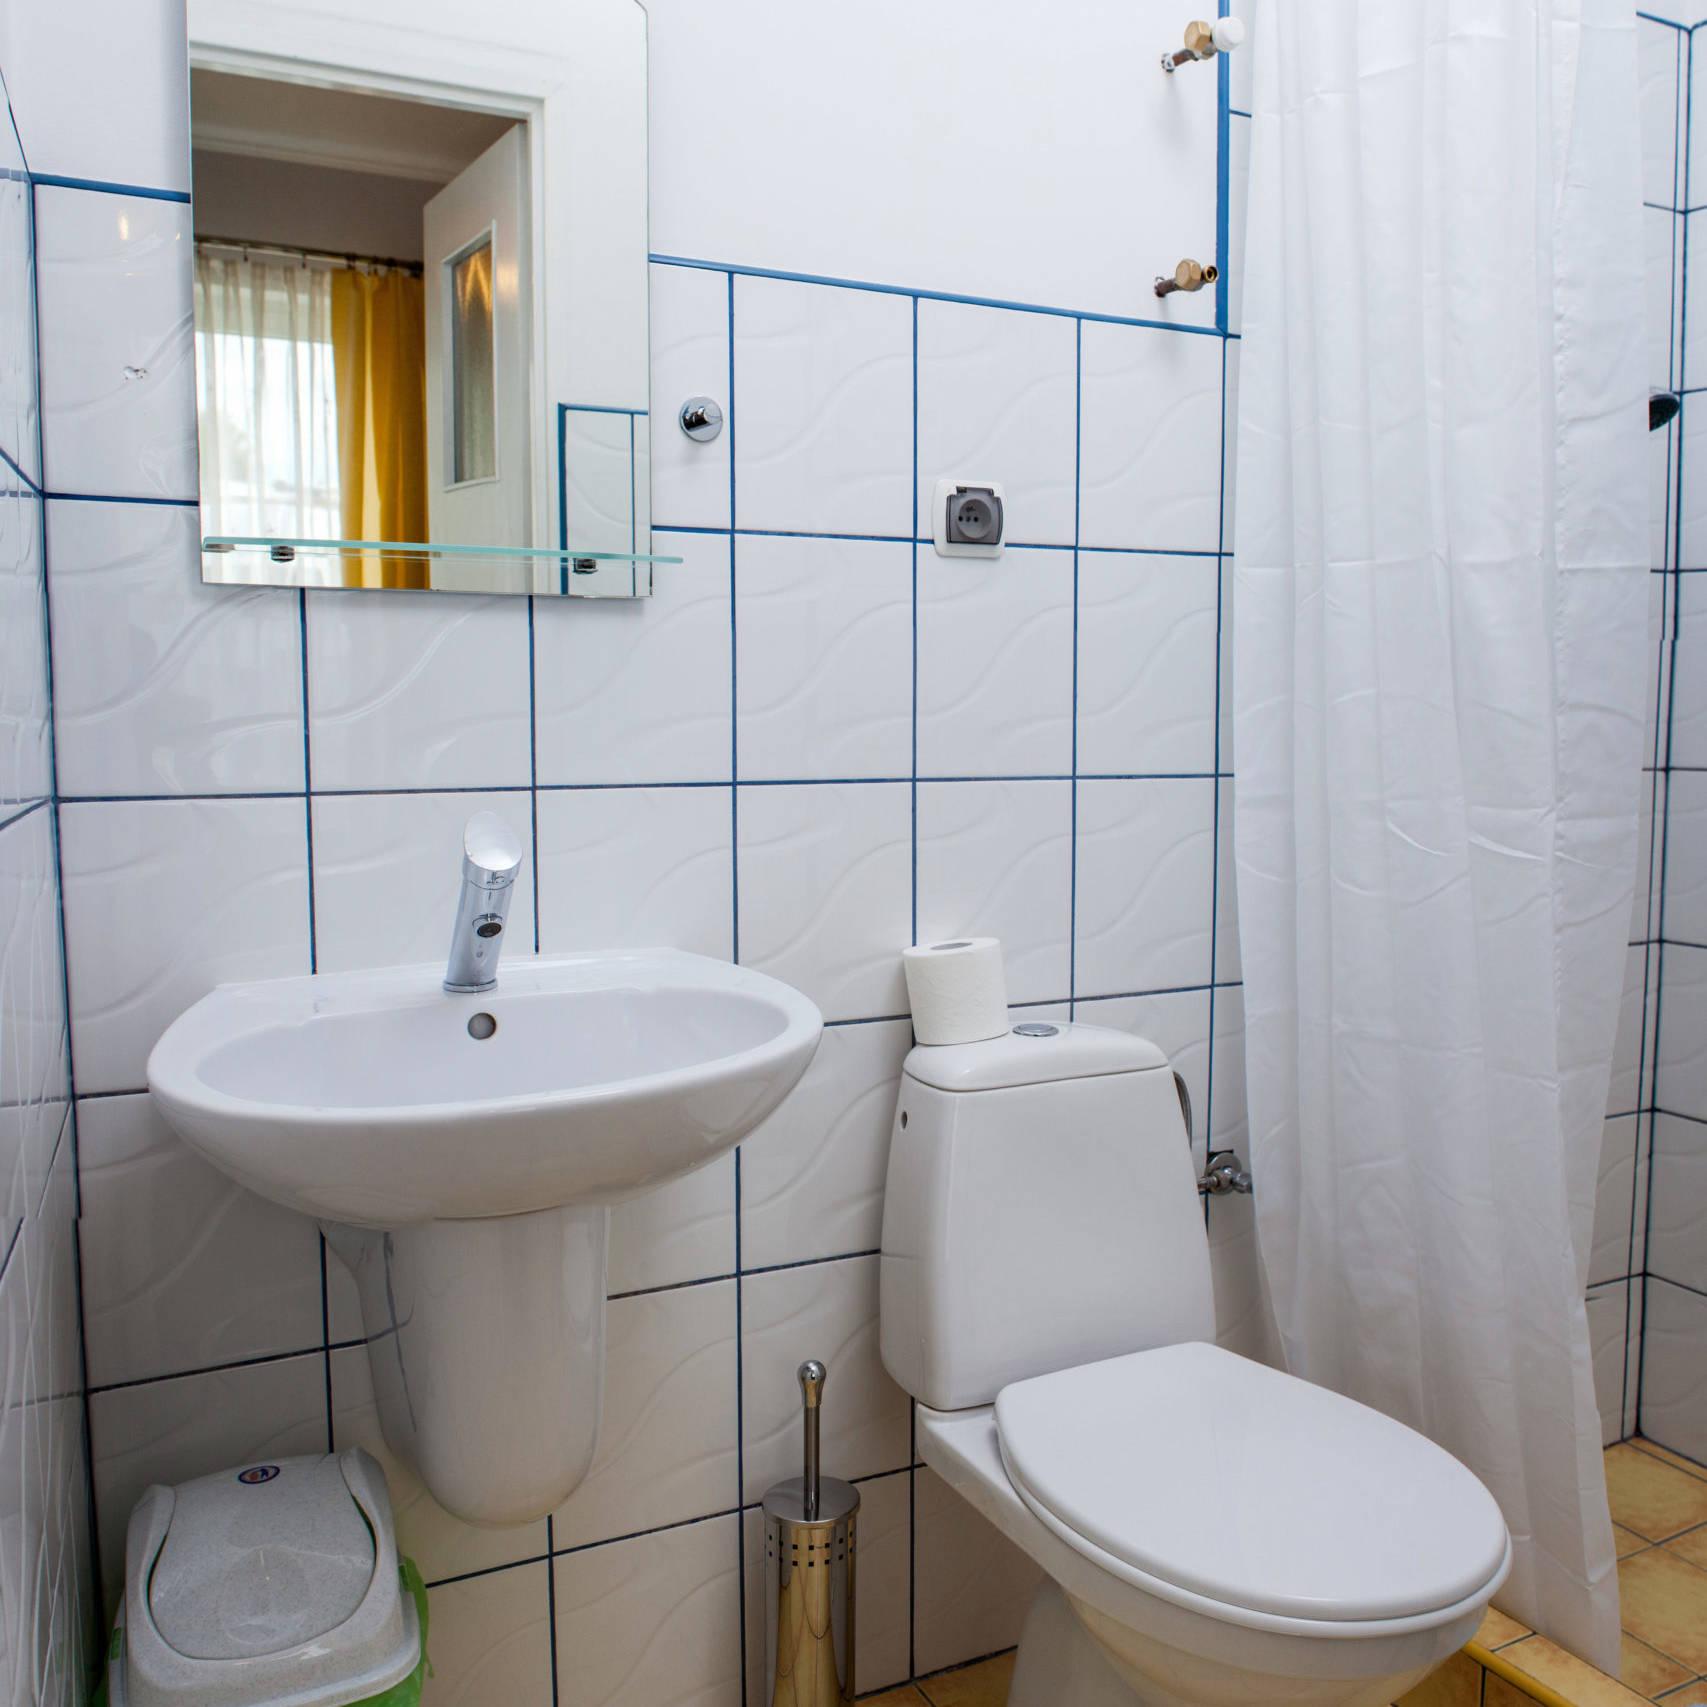 łazienka pokój dla dwóch osób